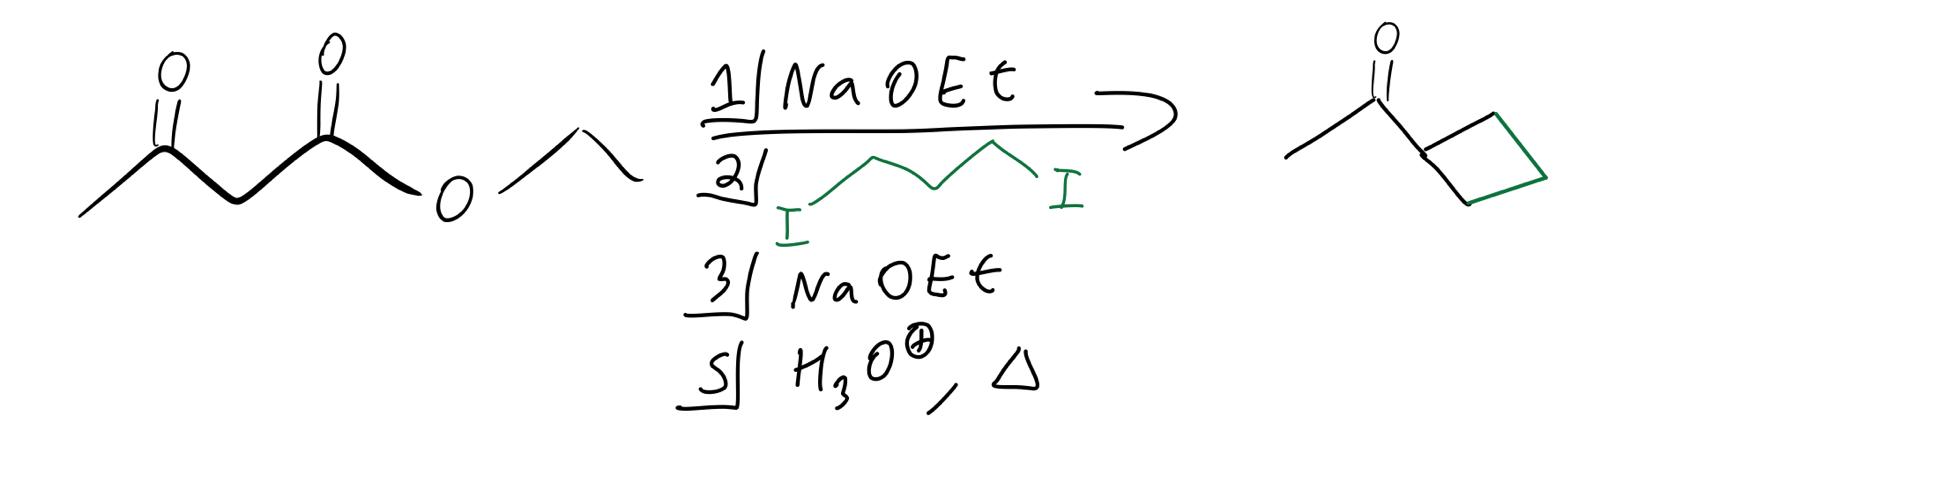 Cyclic-alkylation-reagents